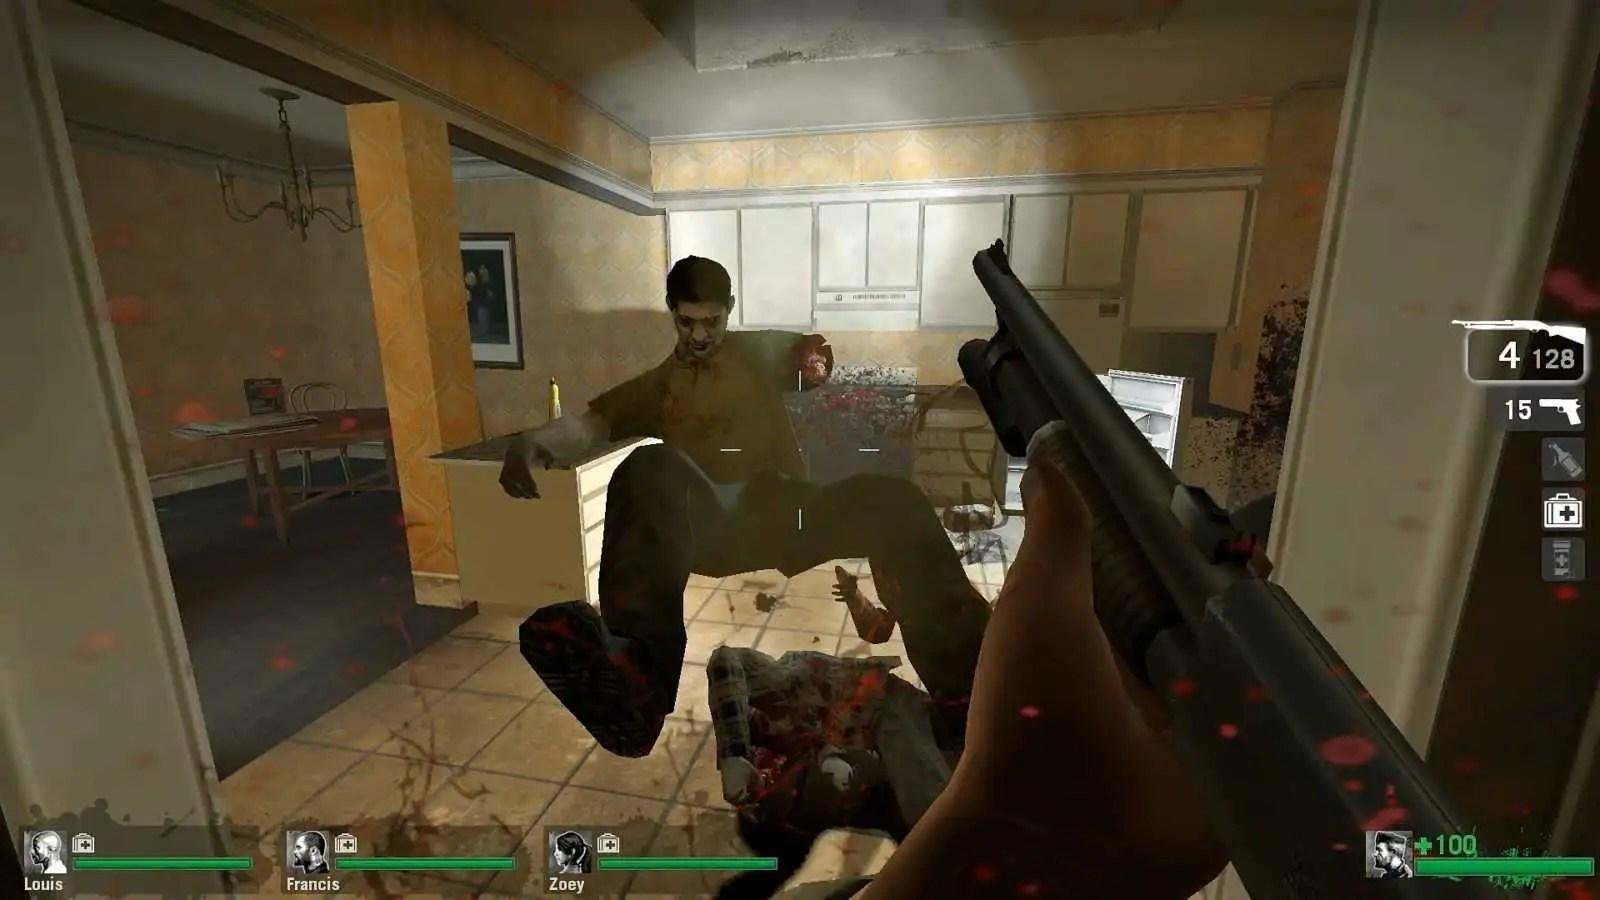 Gli sviluppatori di Left 4 Dead hanno pubblicato una nuova campagna incompleta